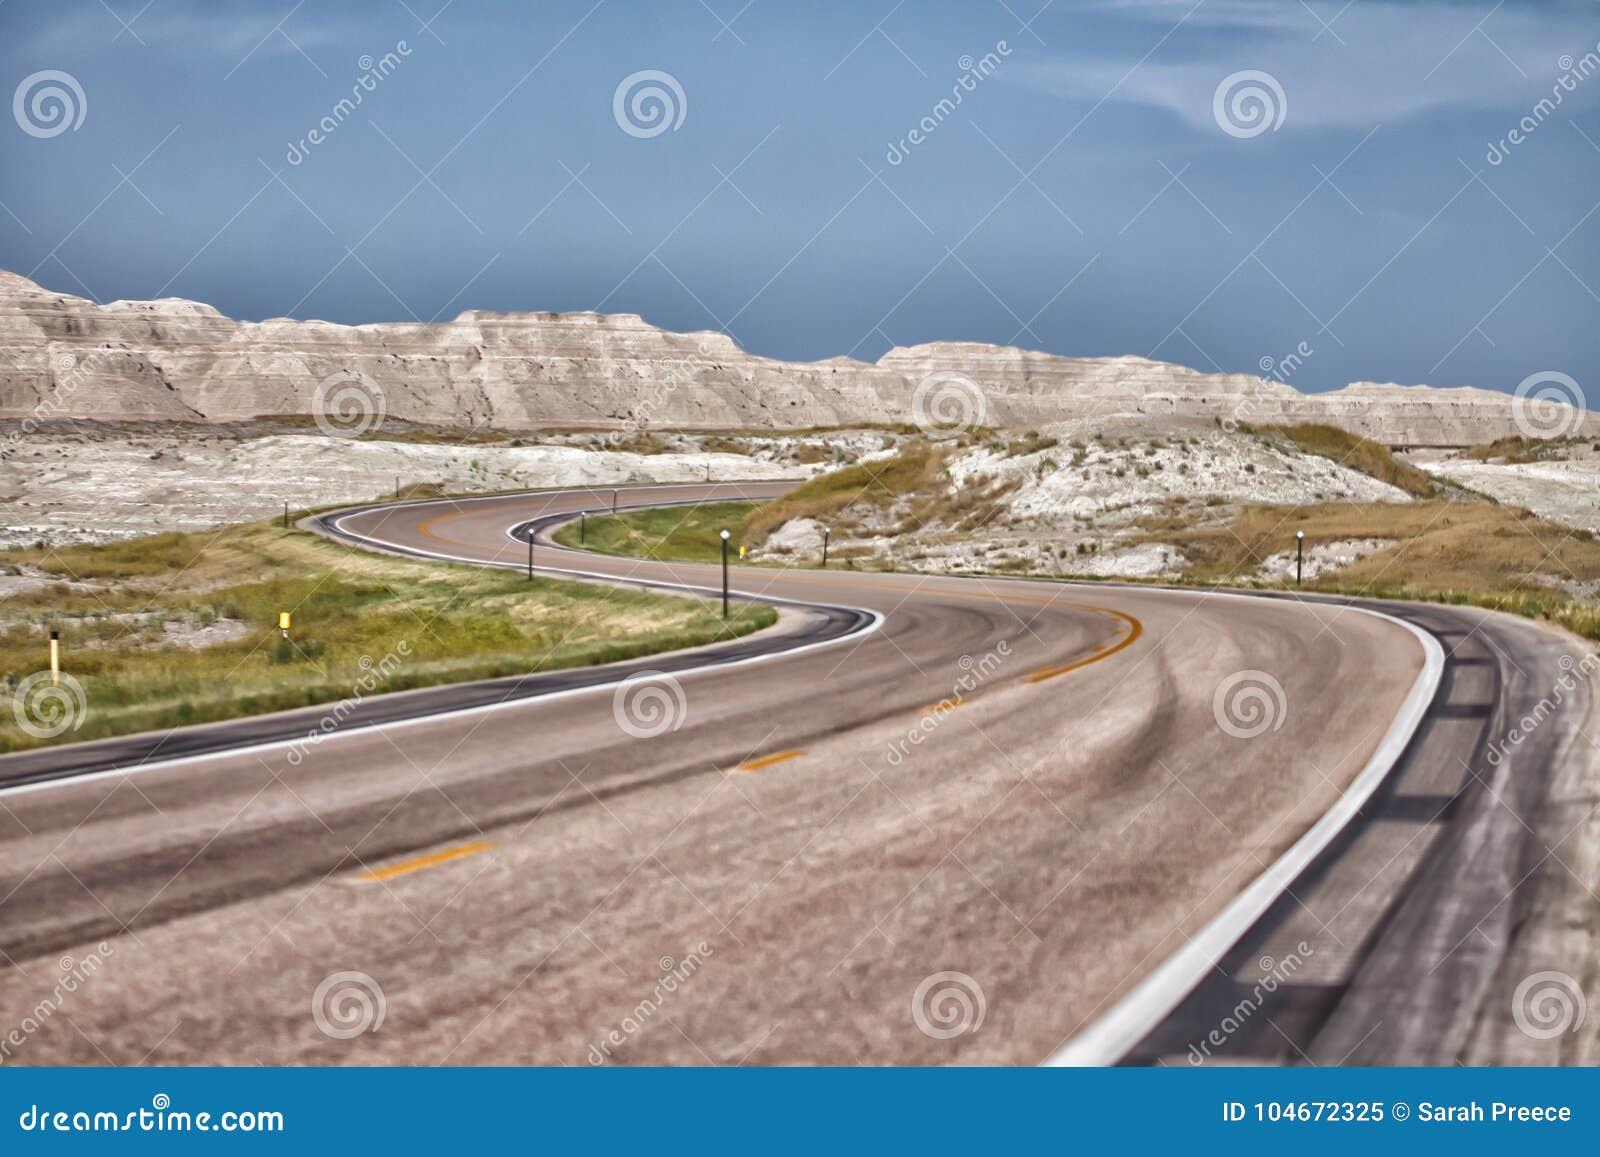 S wyginający się brukował drogę przez badlands Południowy Dakota